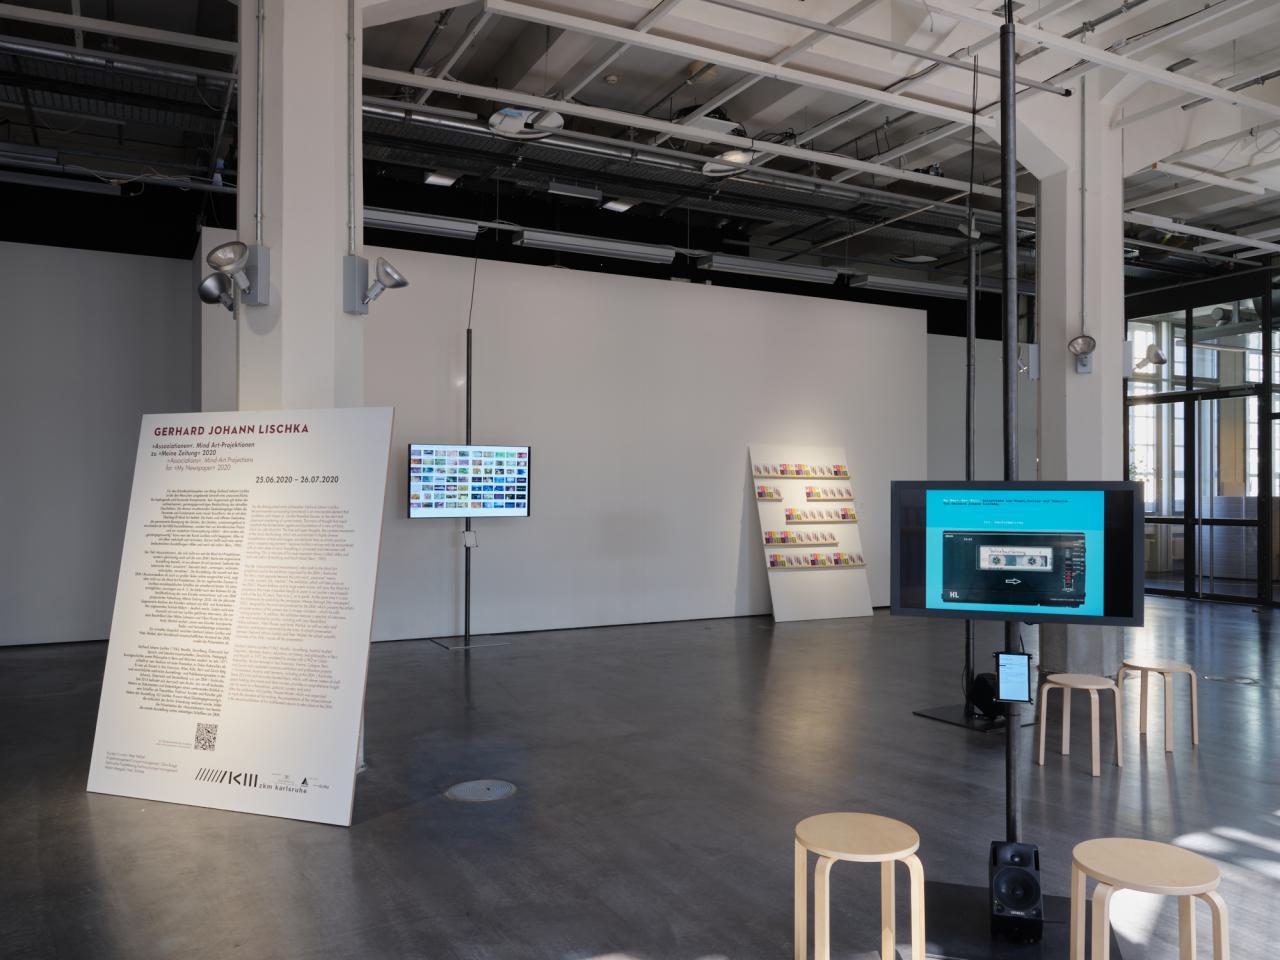 Blick in die Ausstellung. Zu sehen sind eine große Schrifttafel und zwei im Raum stehende Bildschirme. Vier Stühle stehen im Raum verteilt.